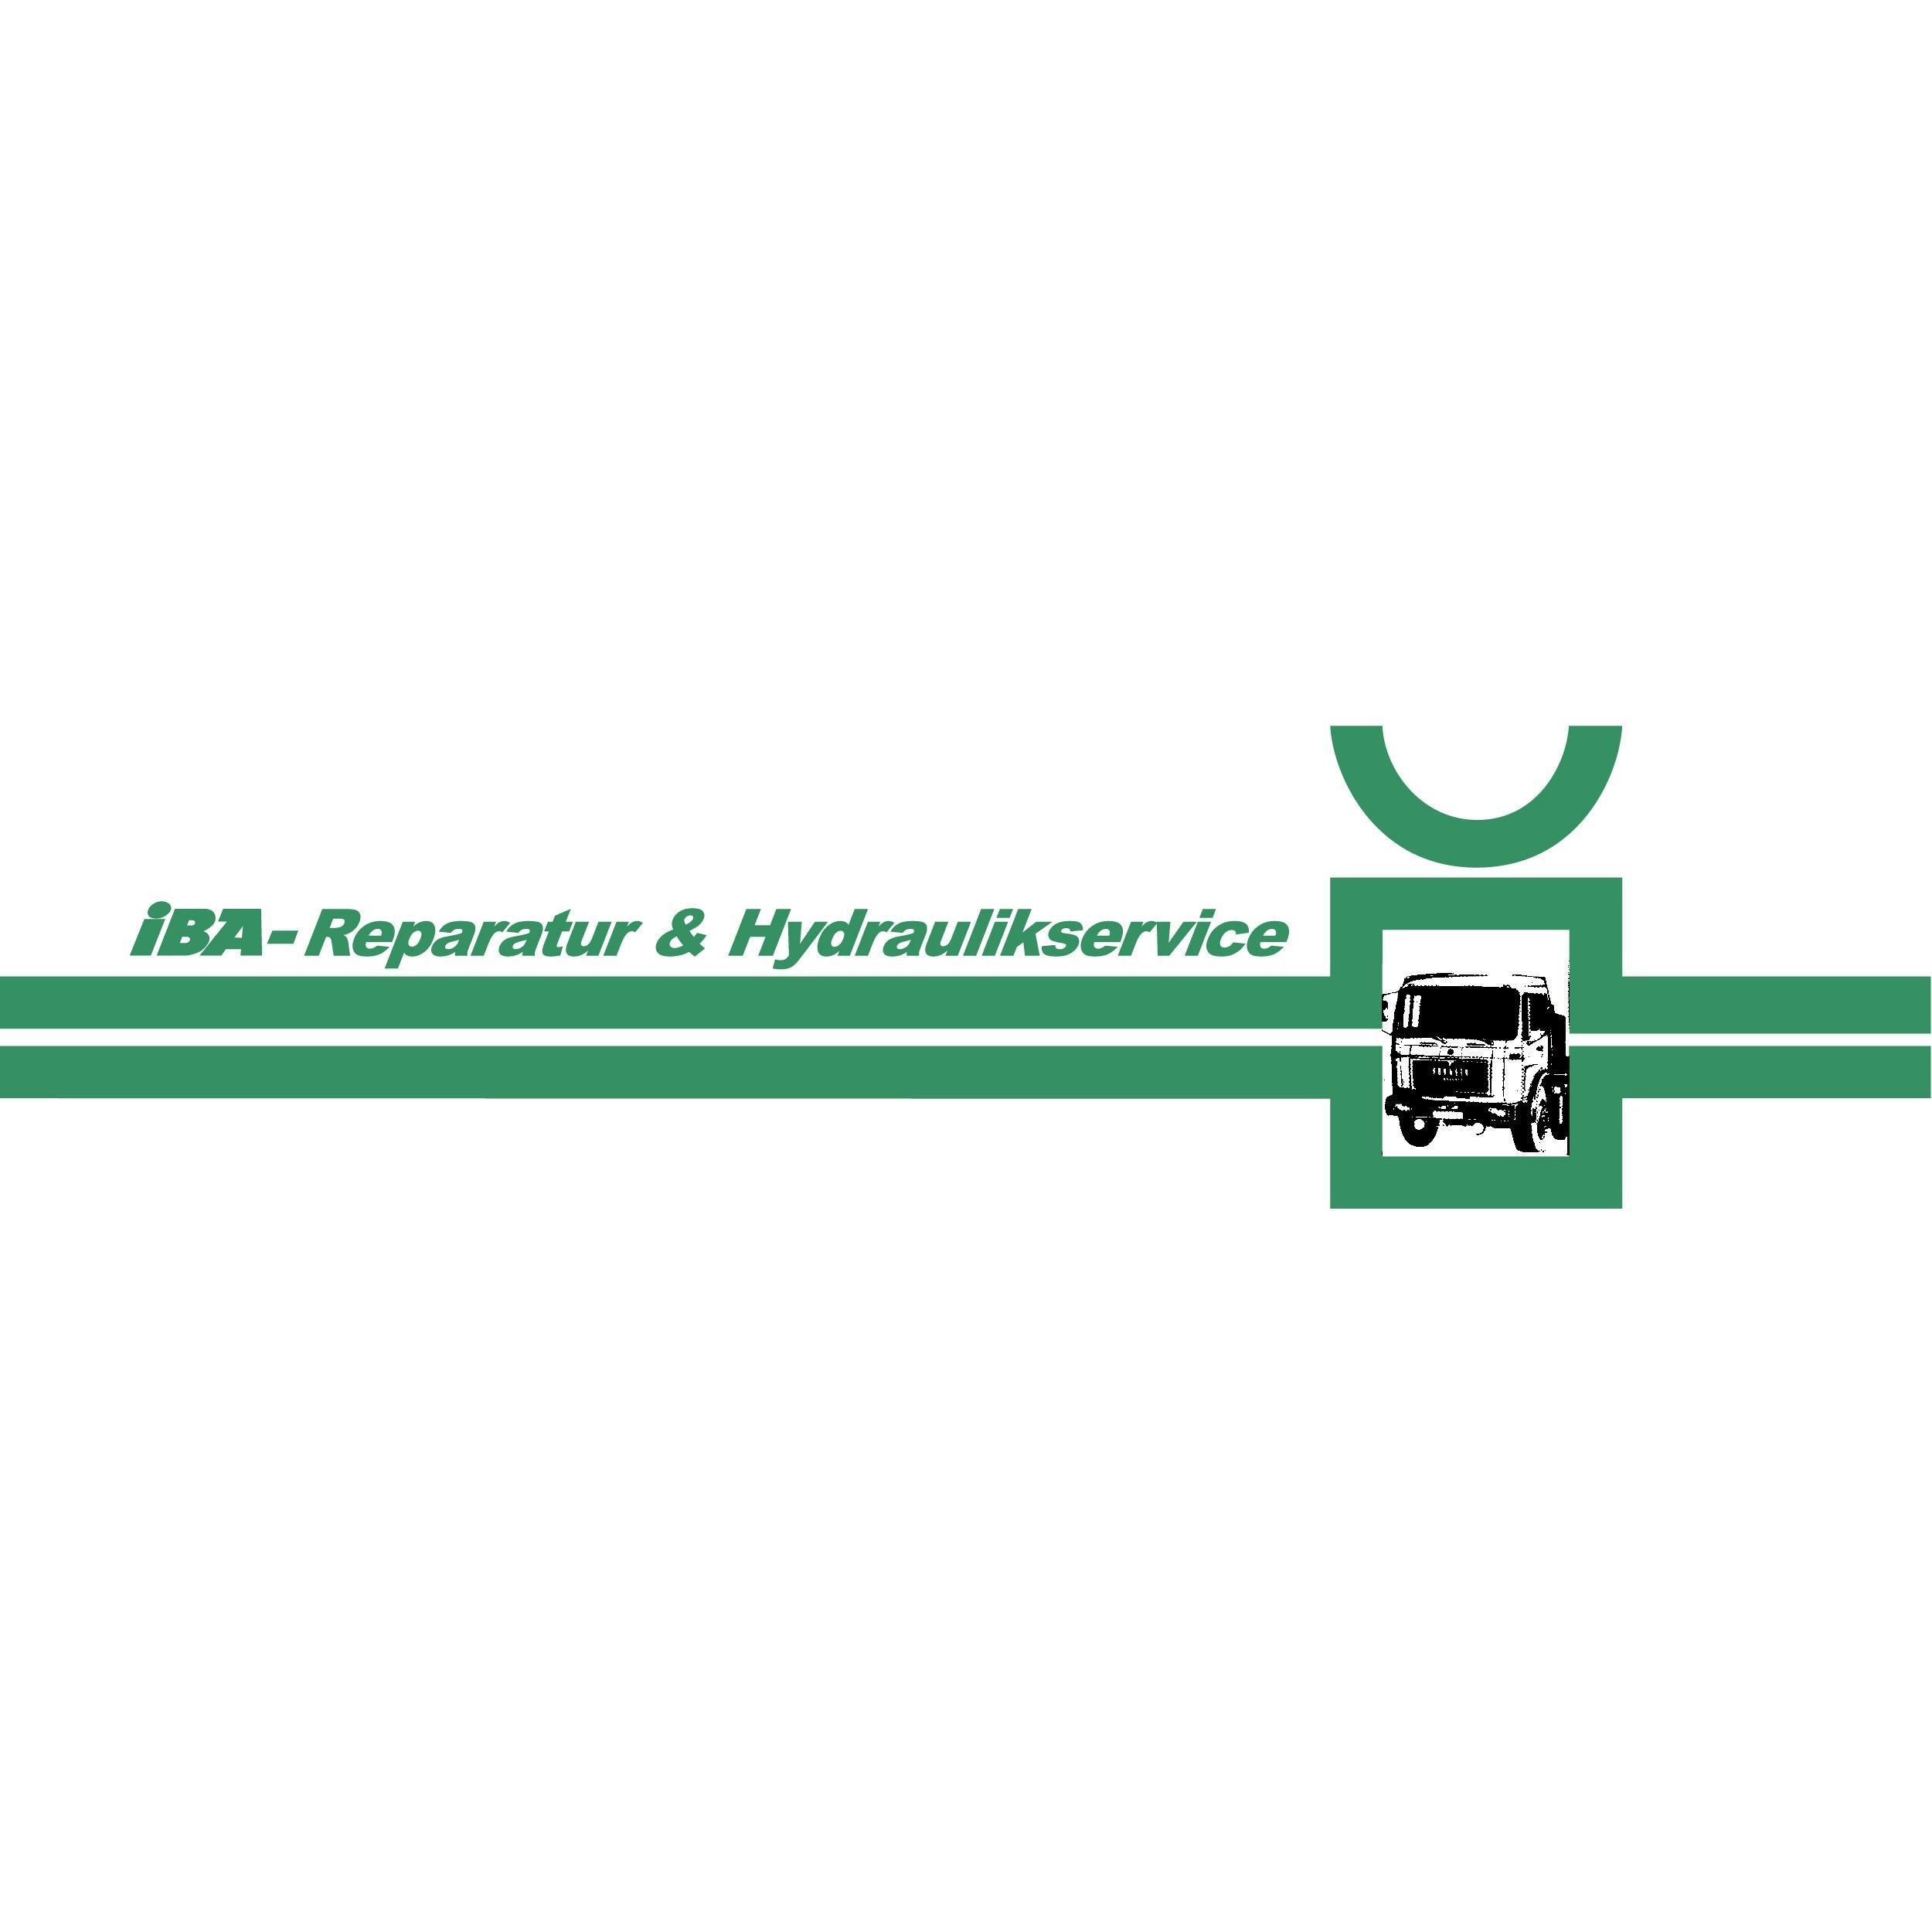 Logo von iBA-Nutzfahrzeug Reparatur & Hydraulikservice